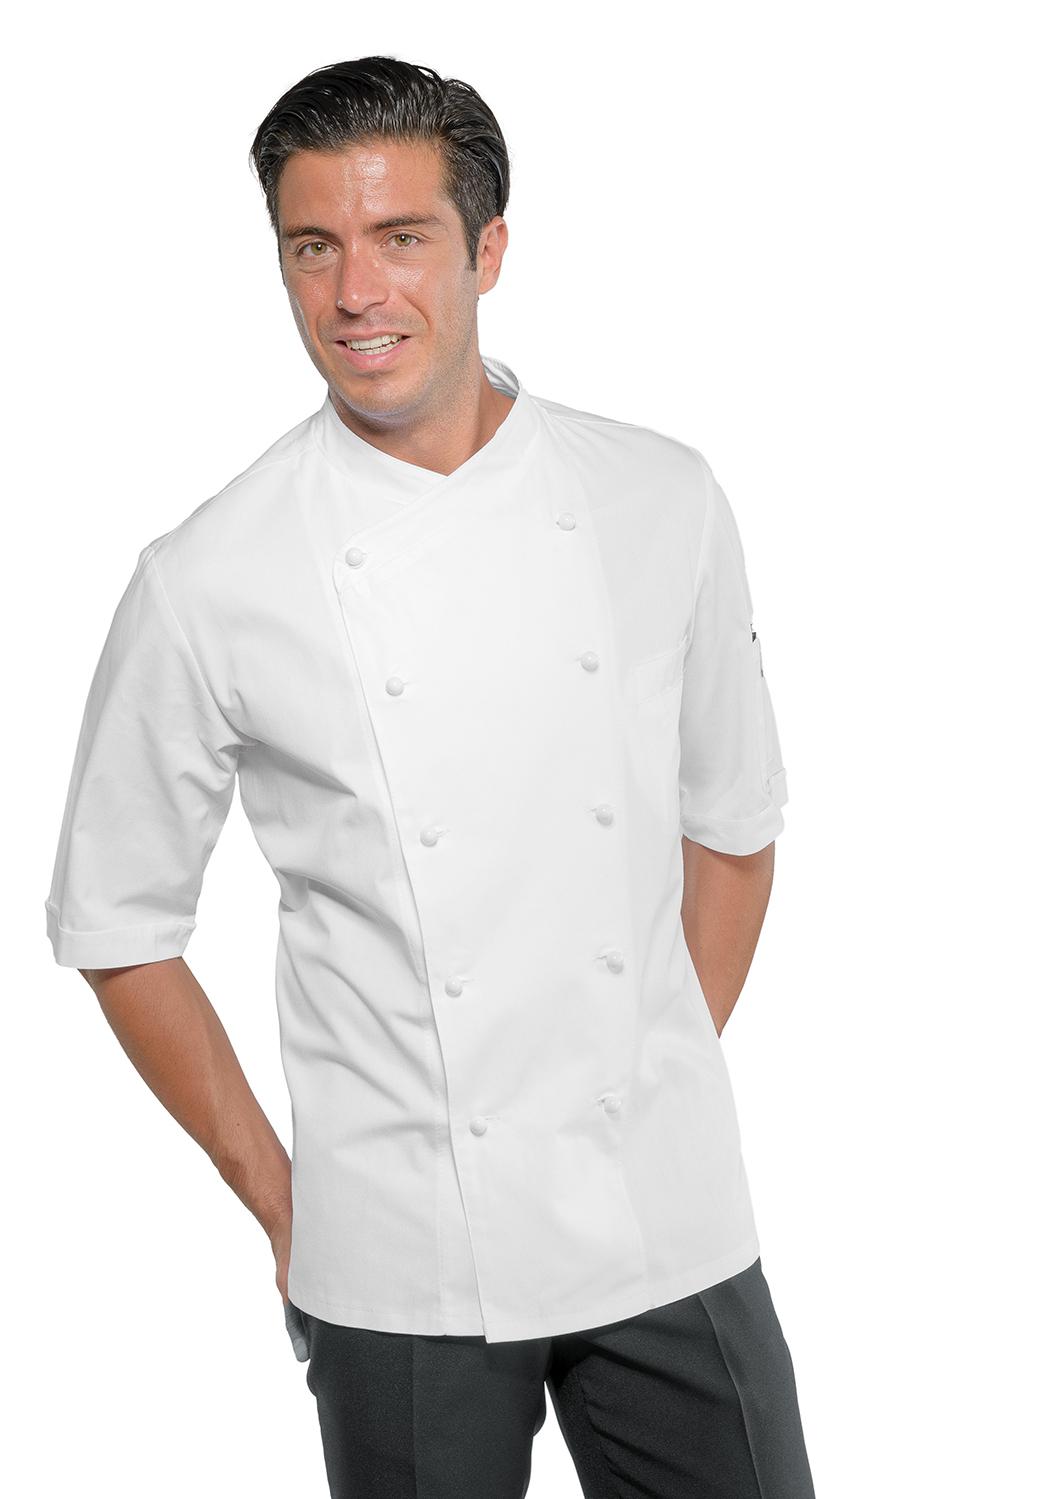 veste blanche chef cuisine manches courtes v tements de cuisine. Black Bedroom Furniture Sets. Home Design Ideas